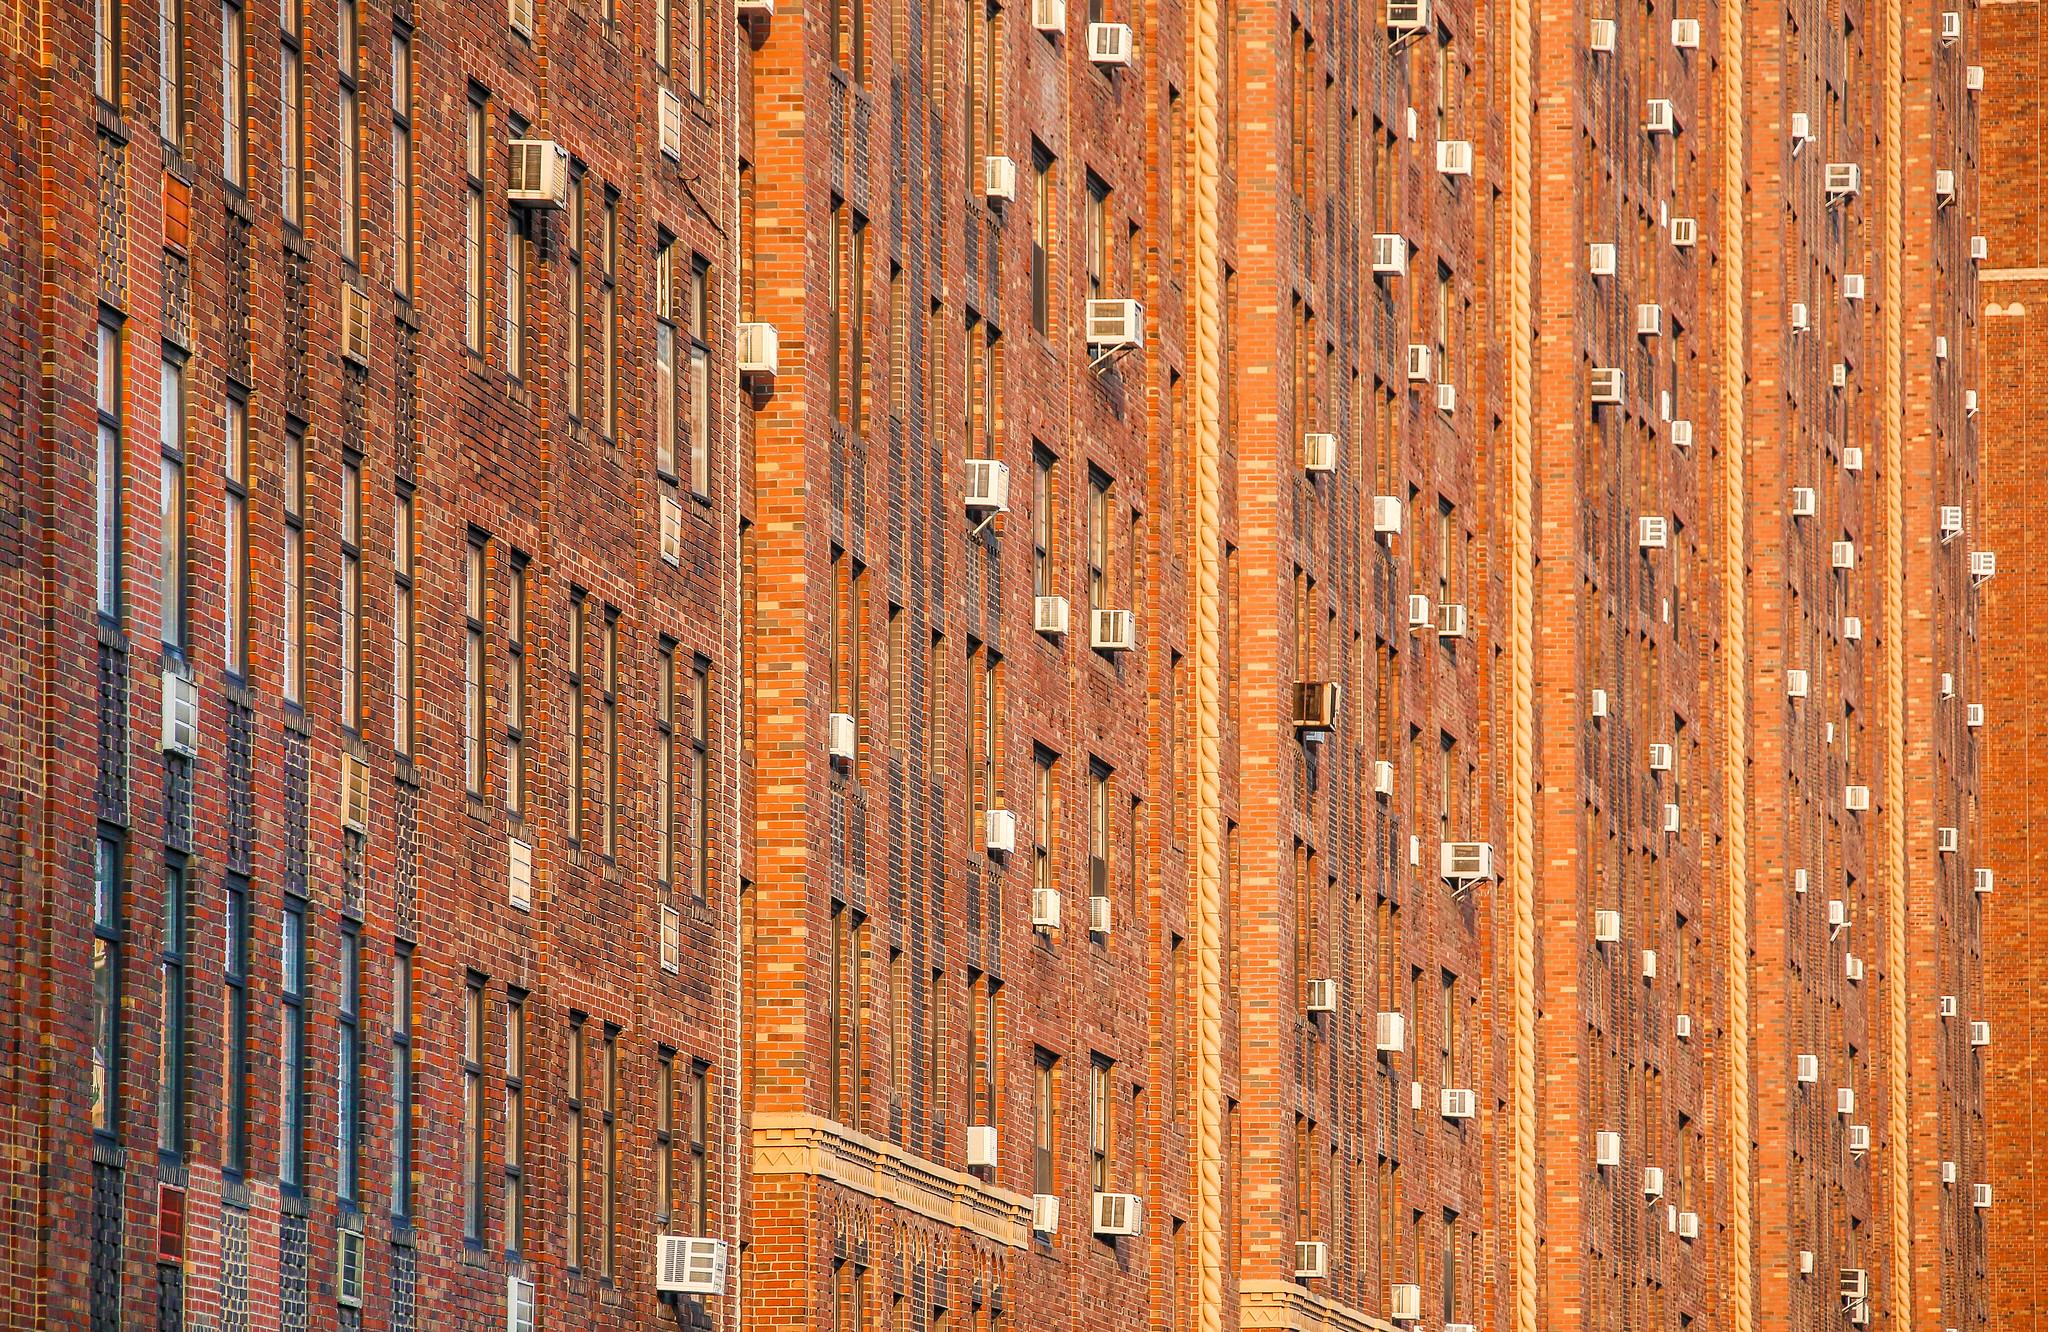 عکس ساختمان های آجری در نزدیکی هادسون یارد